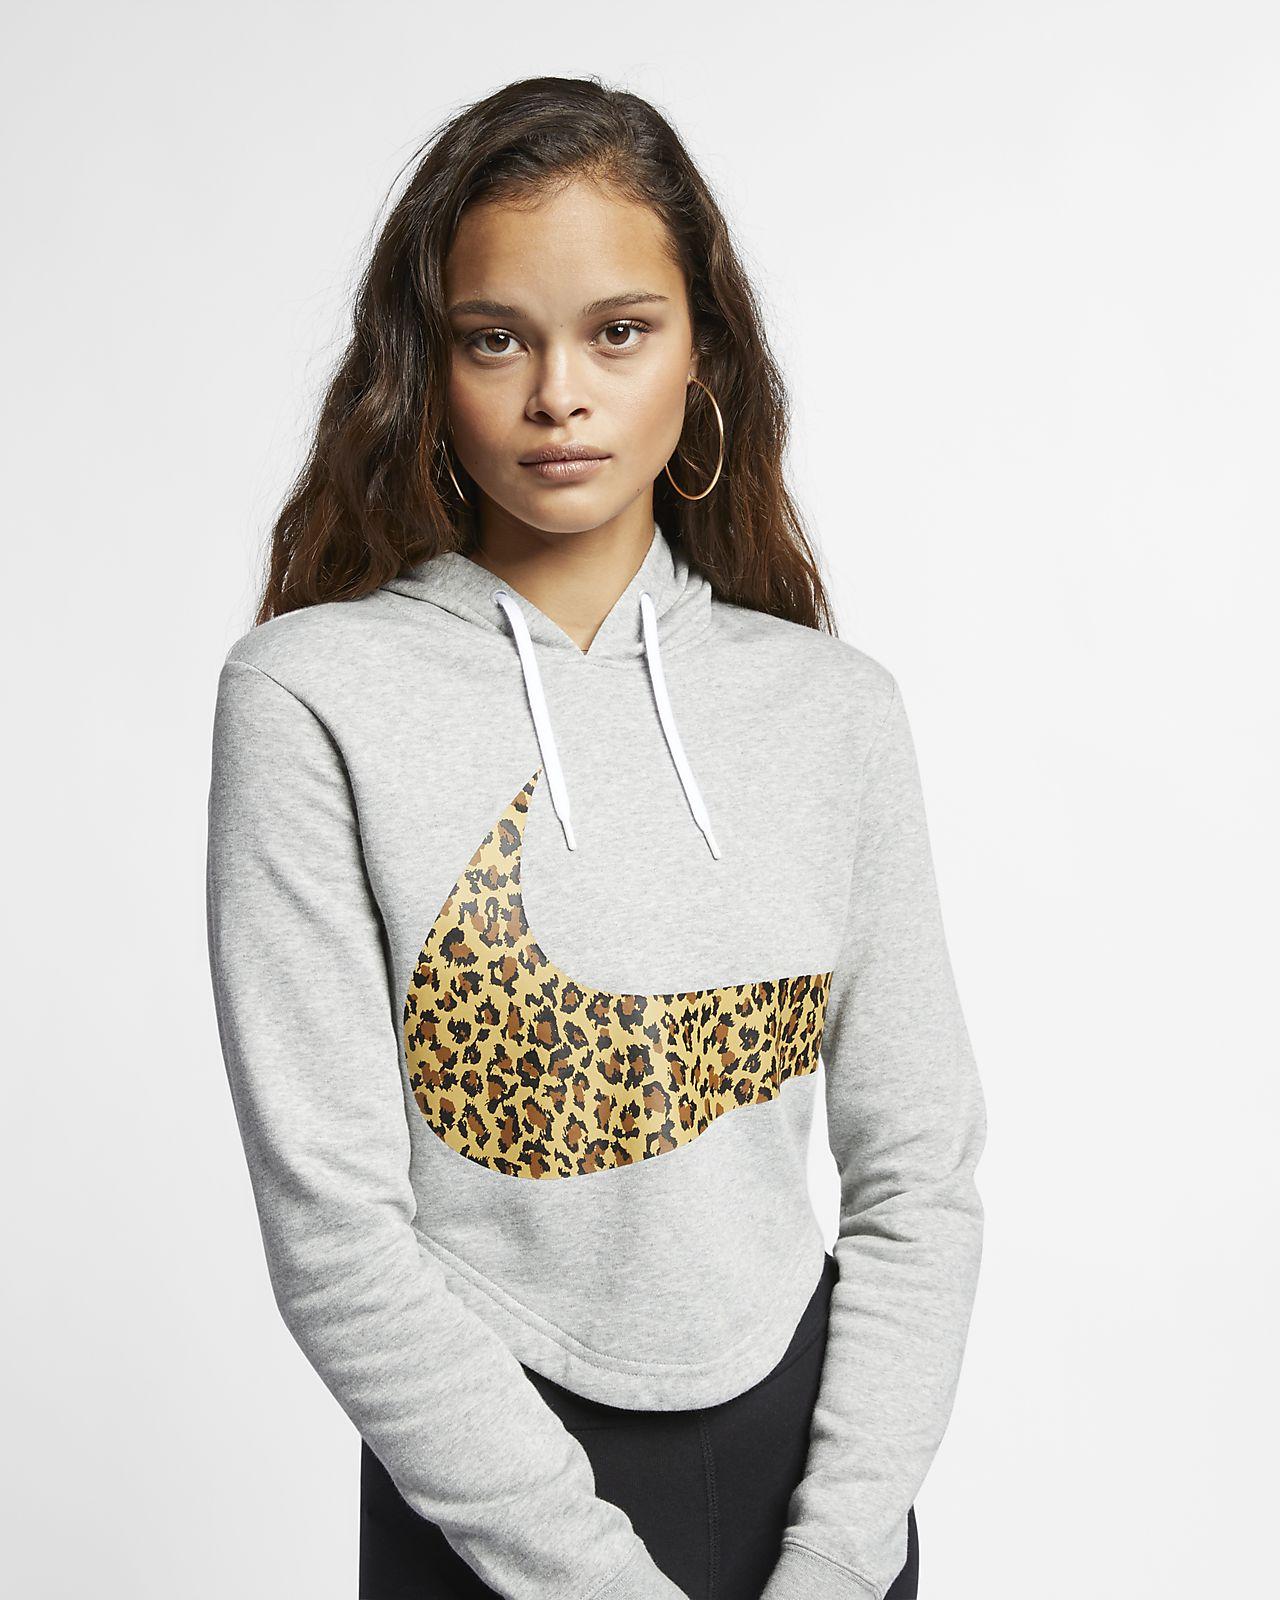 Nike Sportswear Sudadera con capucha corta con estampado animal - Mujer